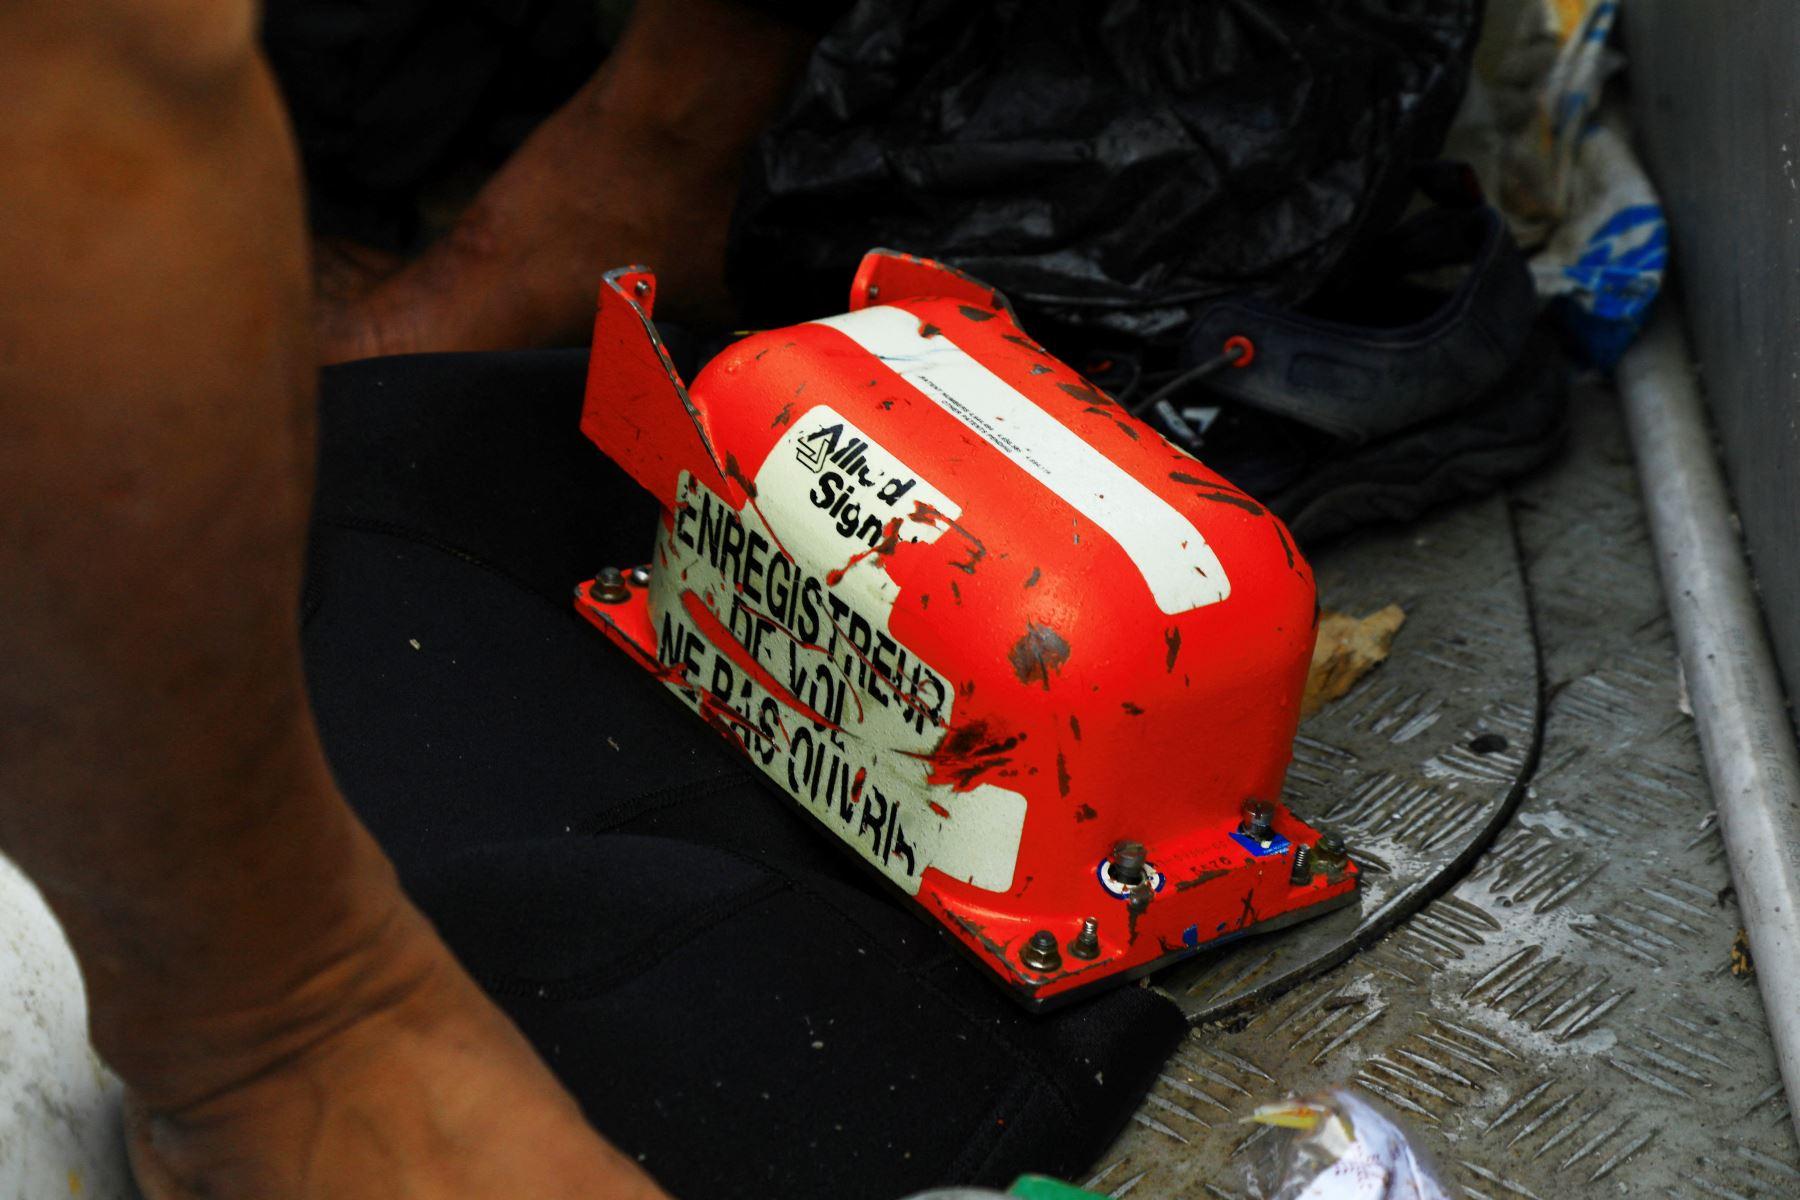 Los buzos de la Armada recuperaron el registrador de datos de vuelo del lugar del accidente frente a la costa de Yakarta el 12 de enero de 2021, en la búsqueda del vuelo SJ182 de Sriwijaya que se estrelló después del despegue de Yakarta el 9 de enero. Foto: AFP